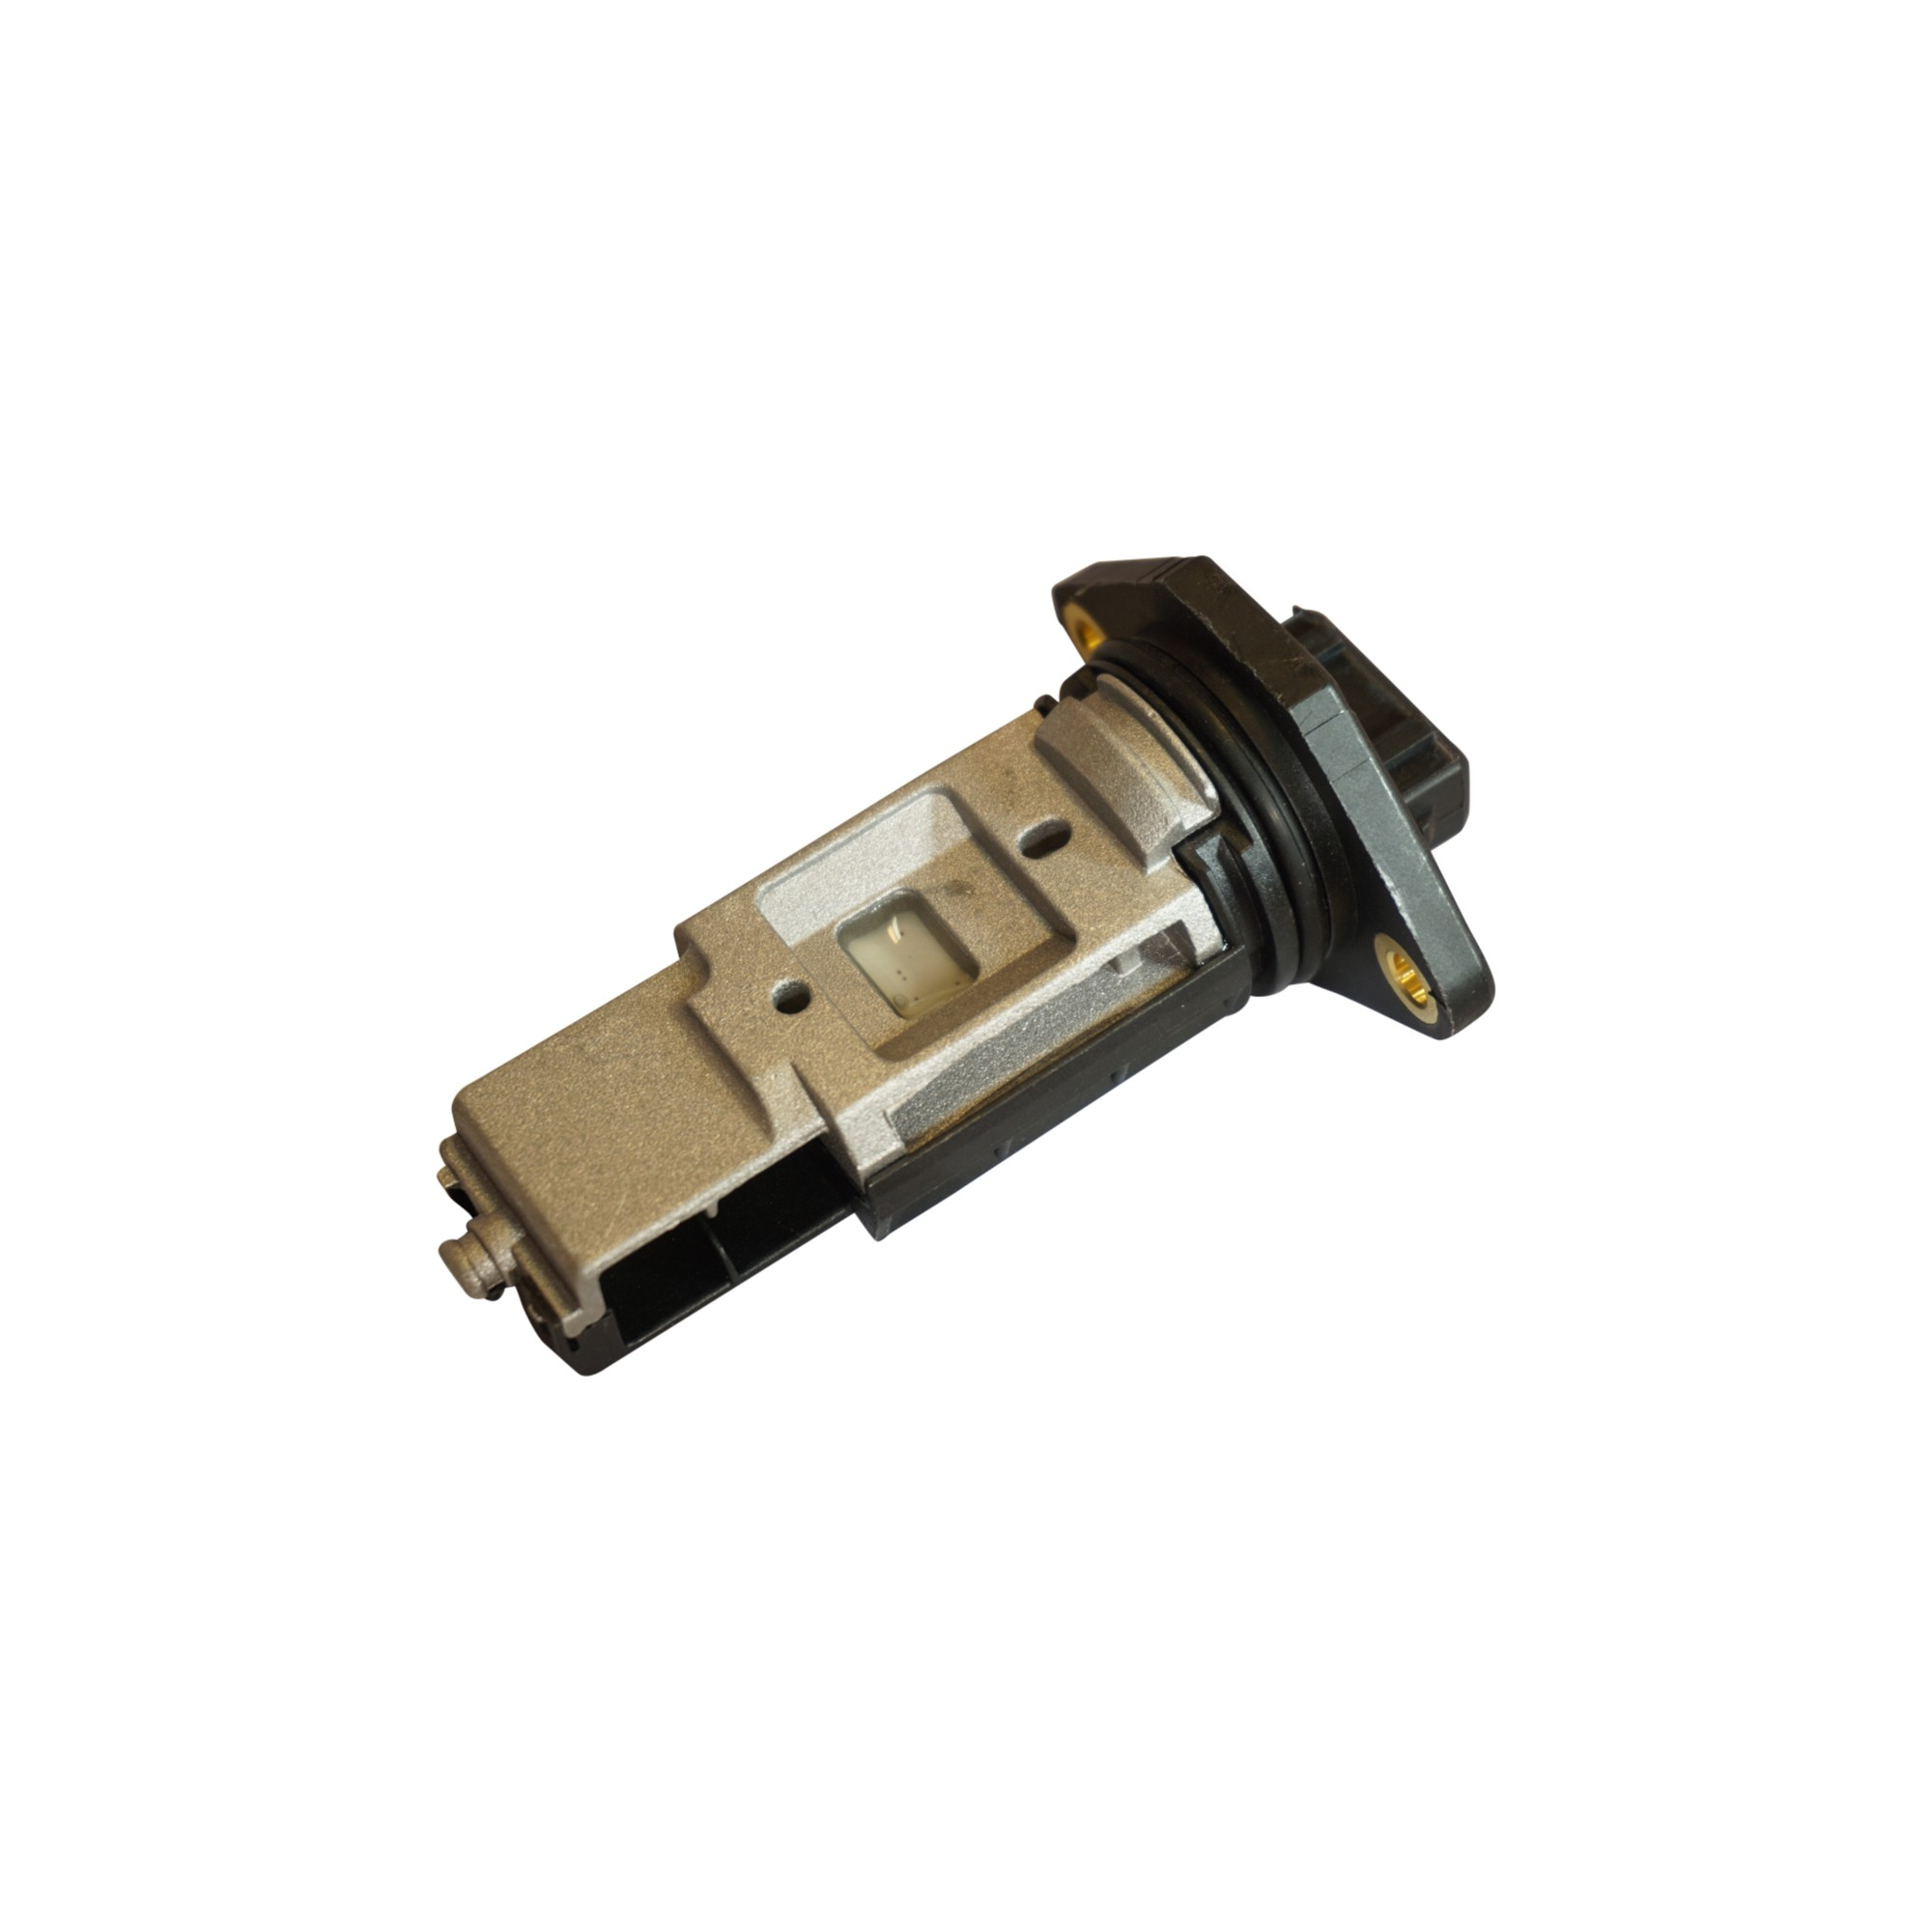 Mass Air Flow Sensor MAF Meter for Audi A3 A4 A6 VW Passat 0280217112